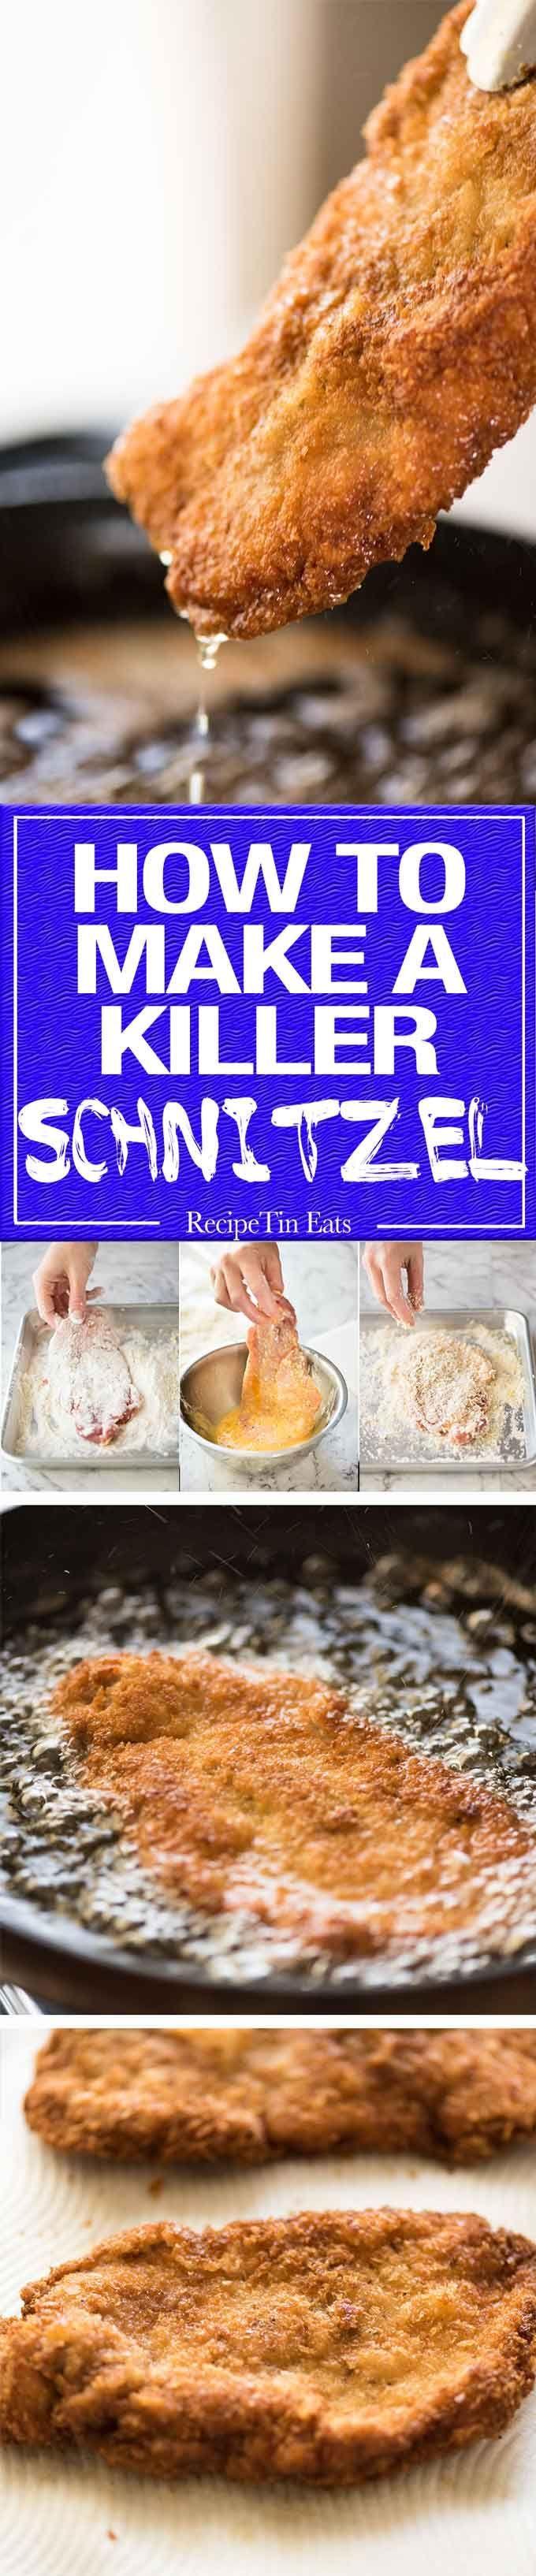 How To Make a Killer Schnitzel